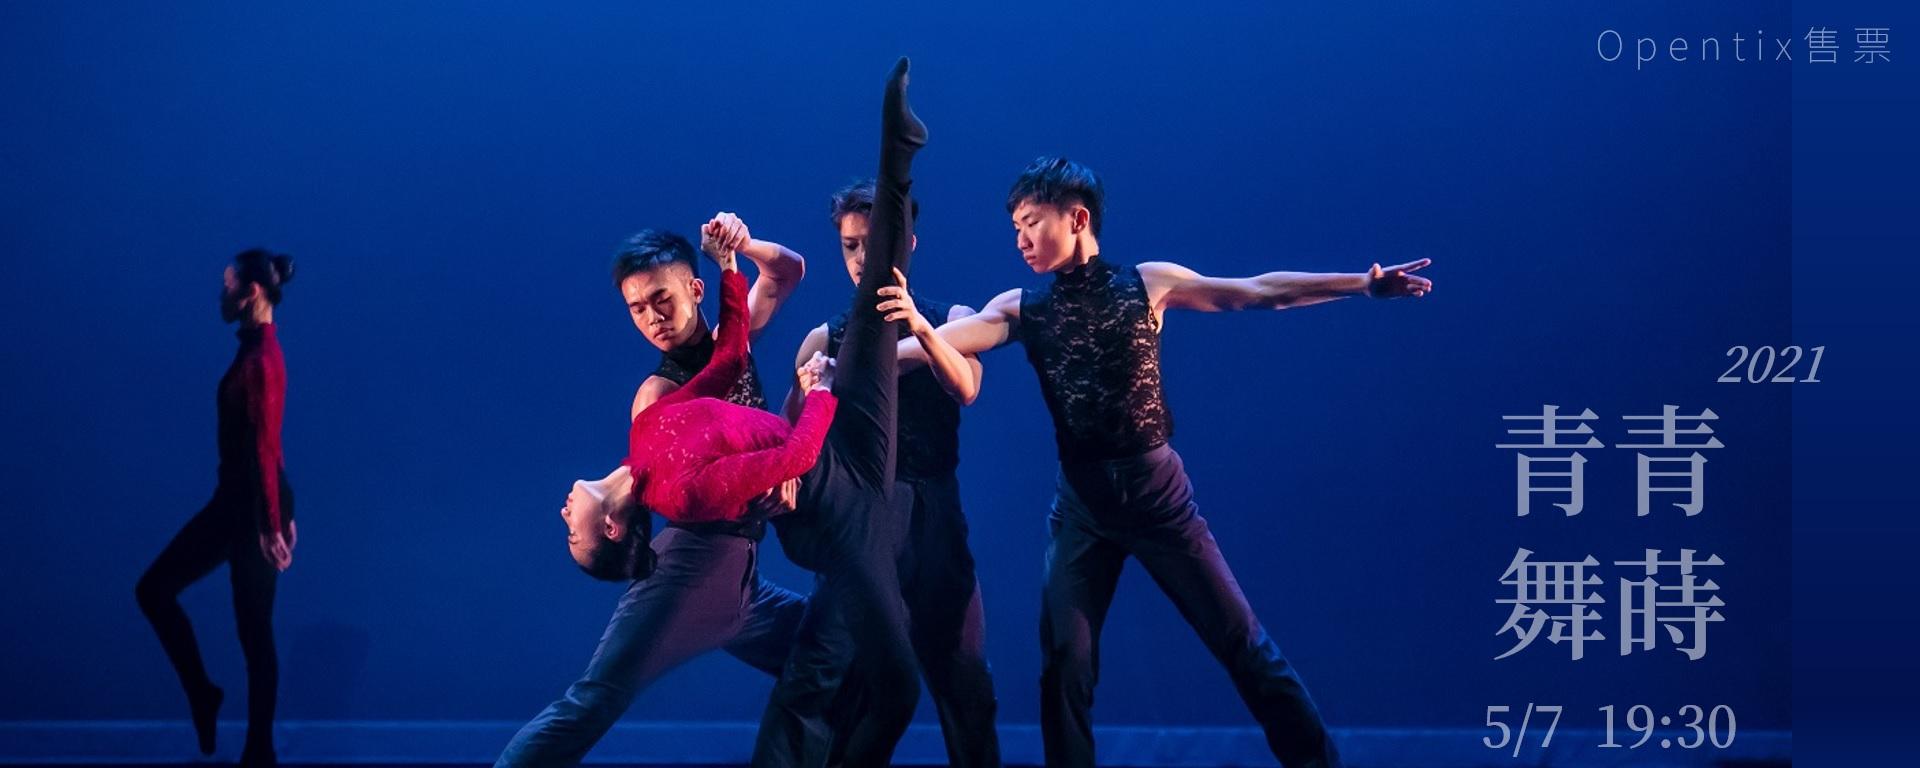 台灣青年舞團-臺中青年高中舞蹈科-2021『青青舞蒔』舞展